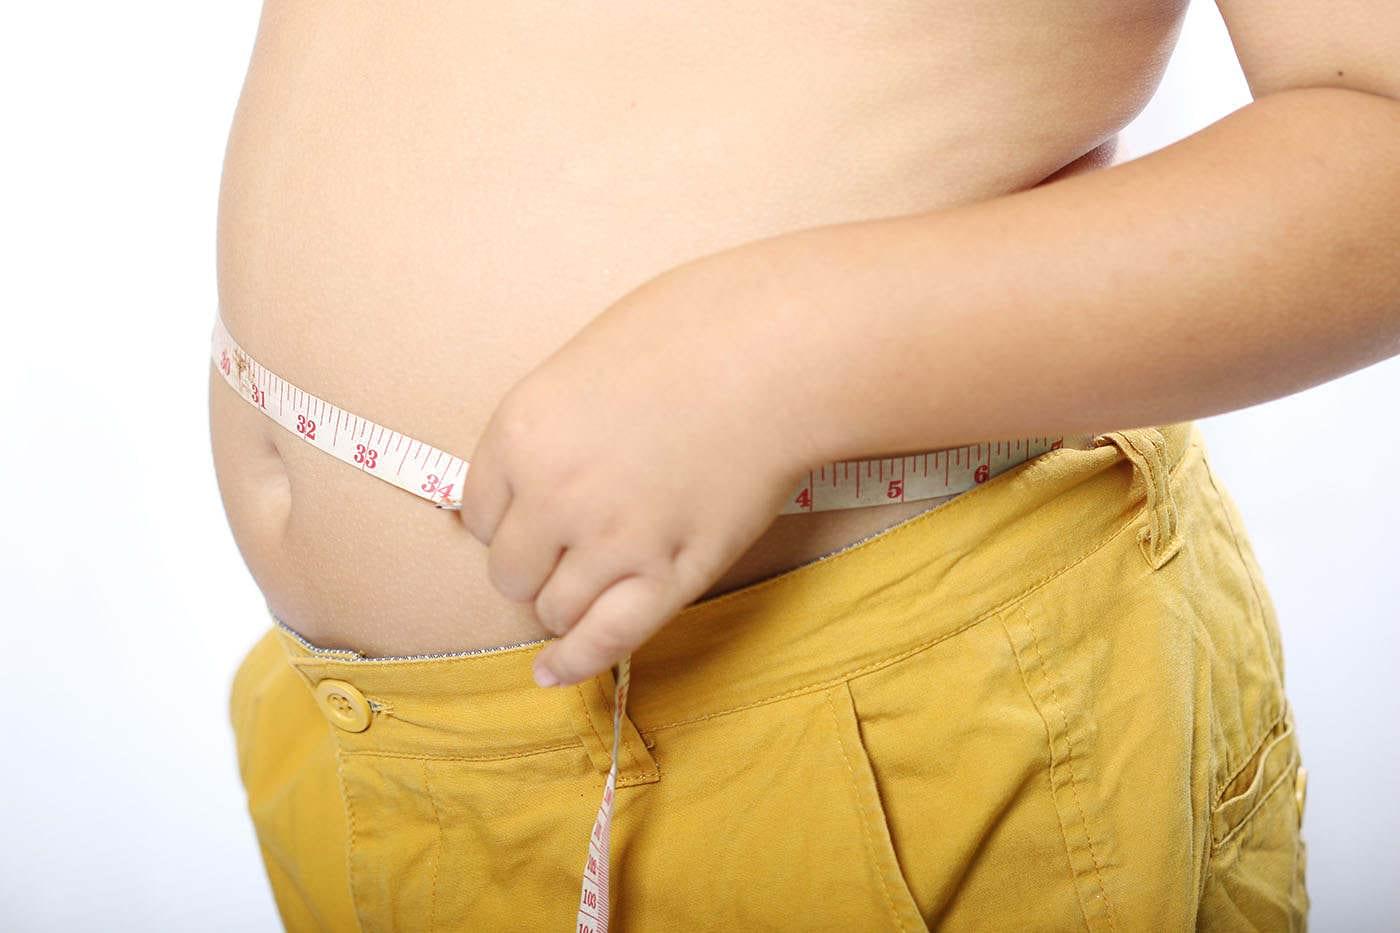 Obezitatea infantilă crește riscul de anxietate, depresie și moarte prematură [studiu]